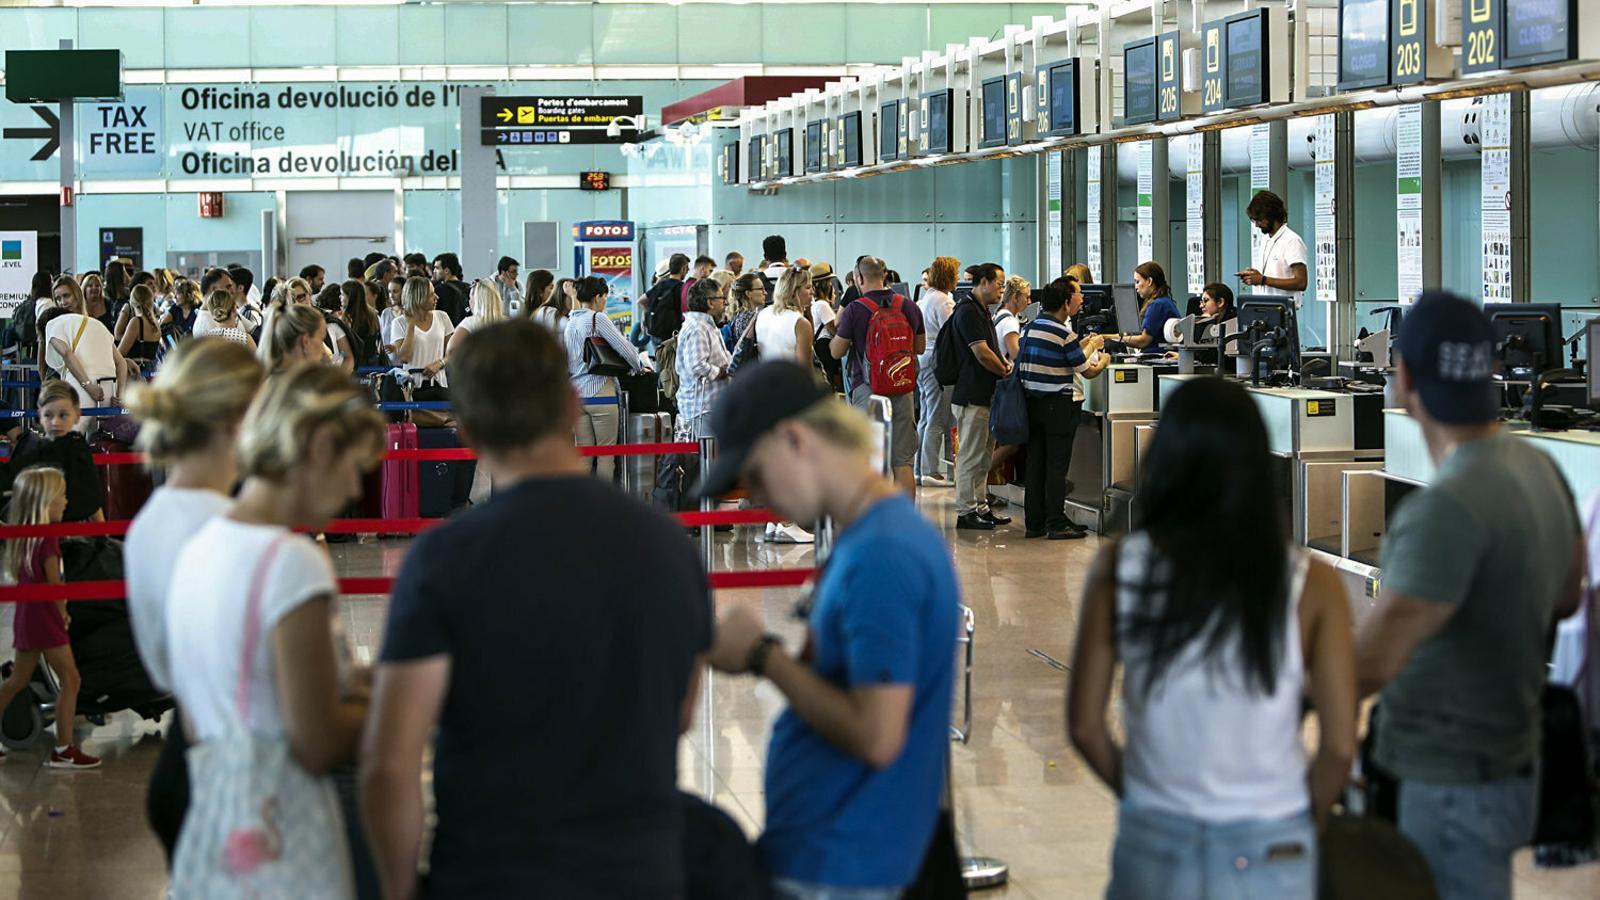 L'aeroport de Barcelona on treballa la Carla Martínez en l'equip de personal de terra d'una aerolínia.